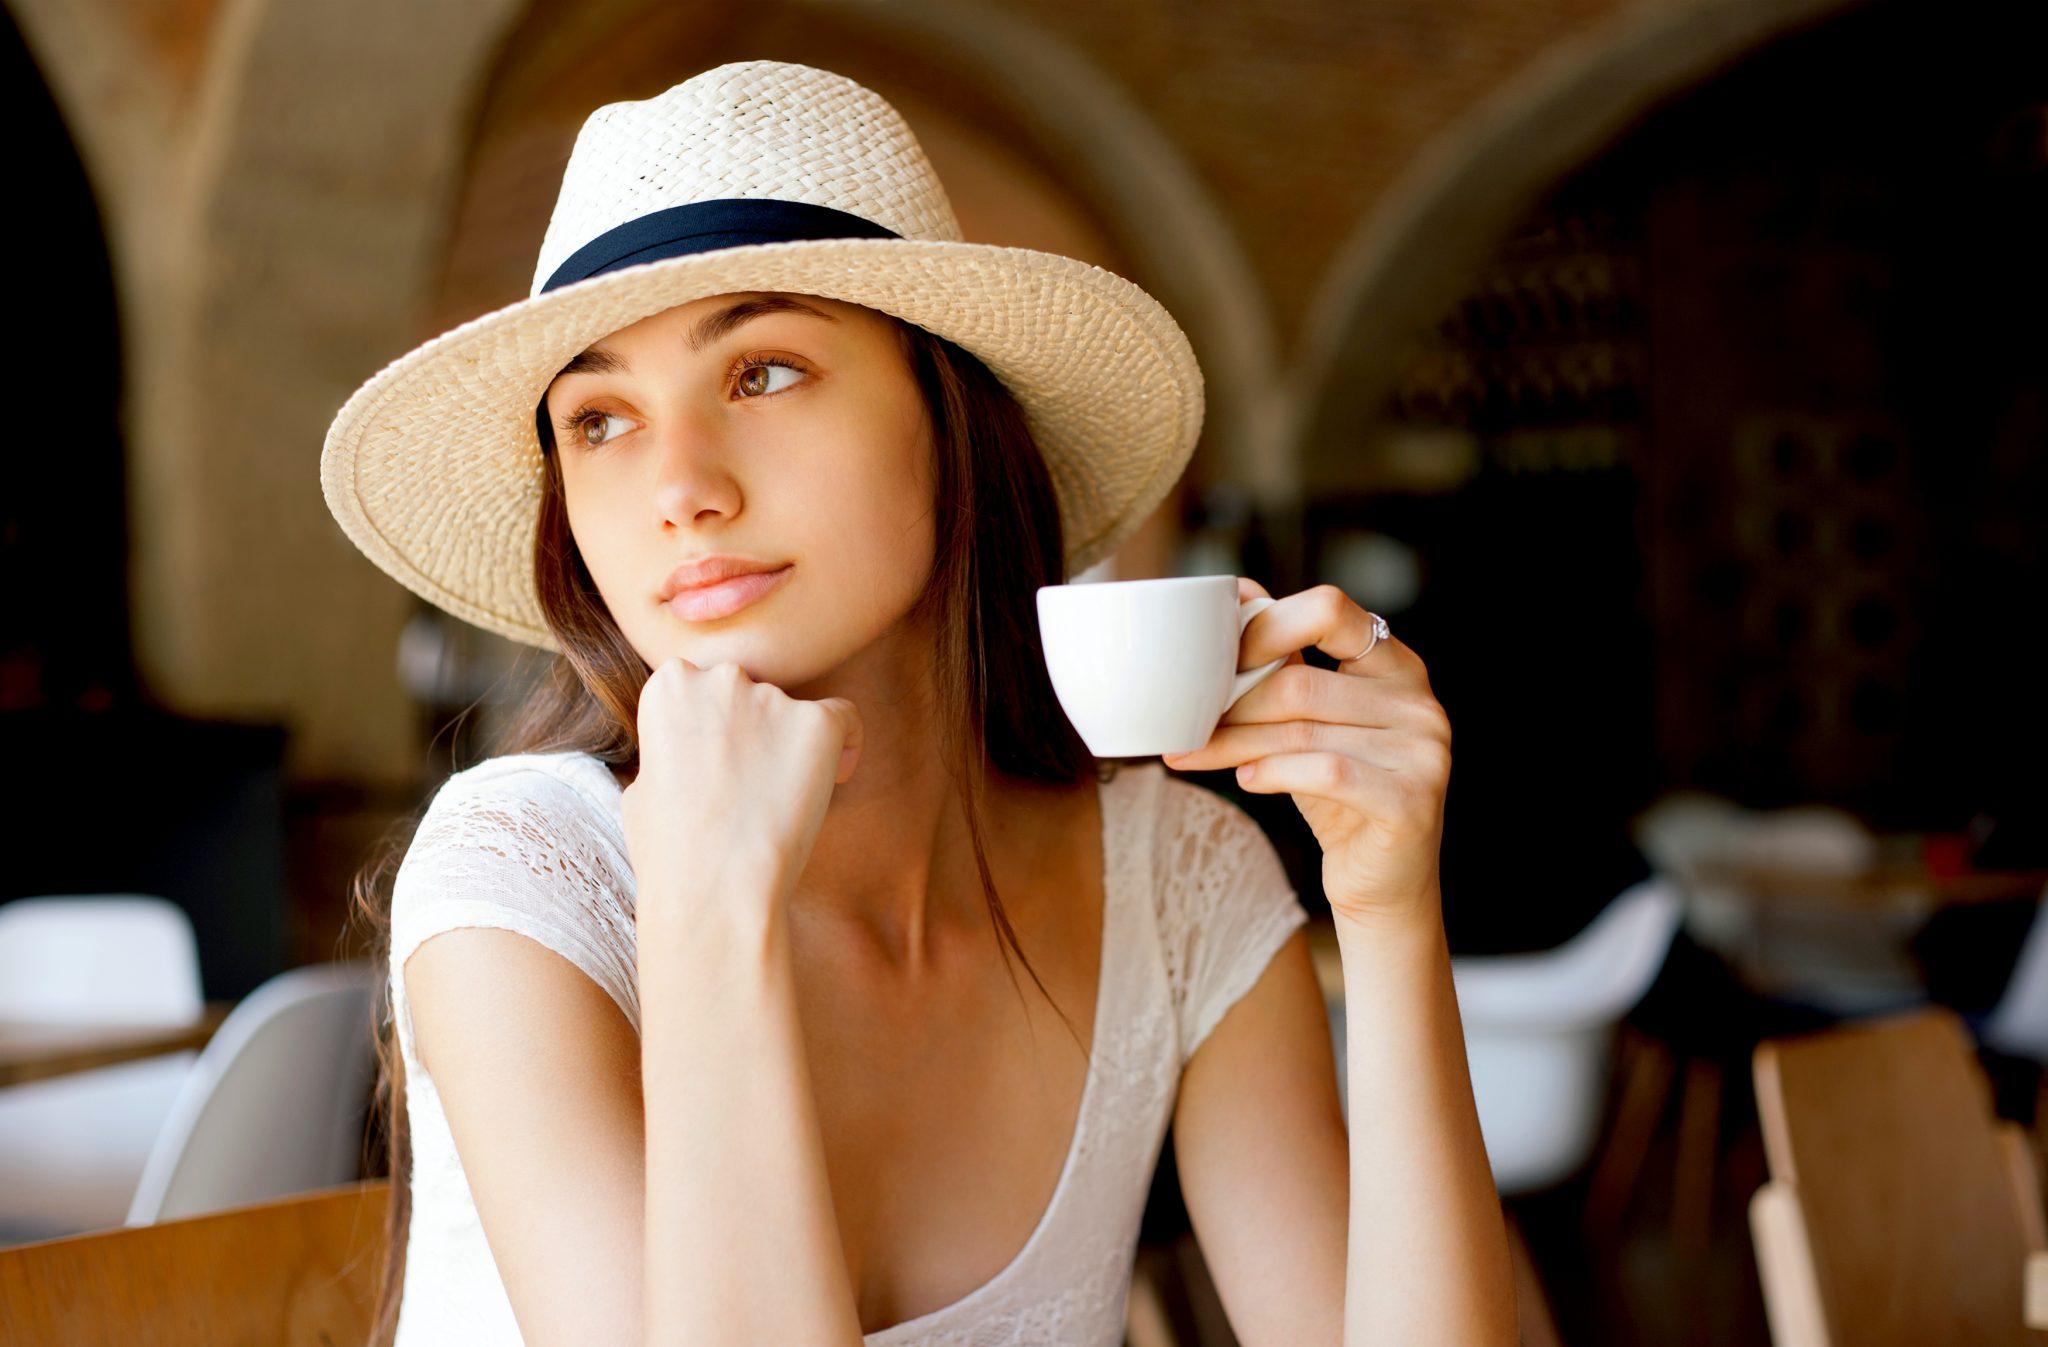 エスプレッソを飲んでいるイタリア人女性